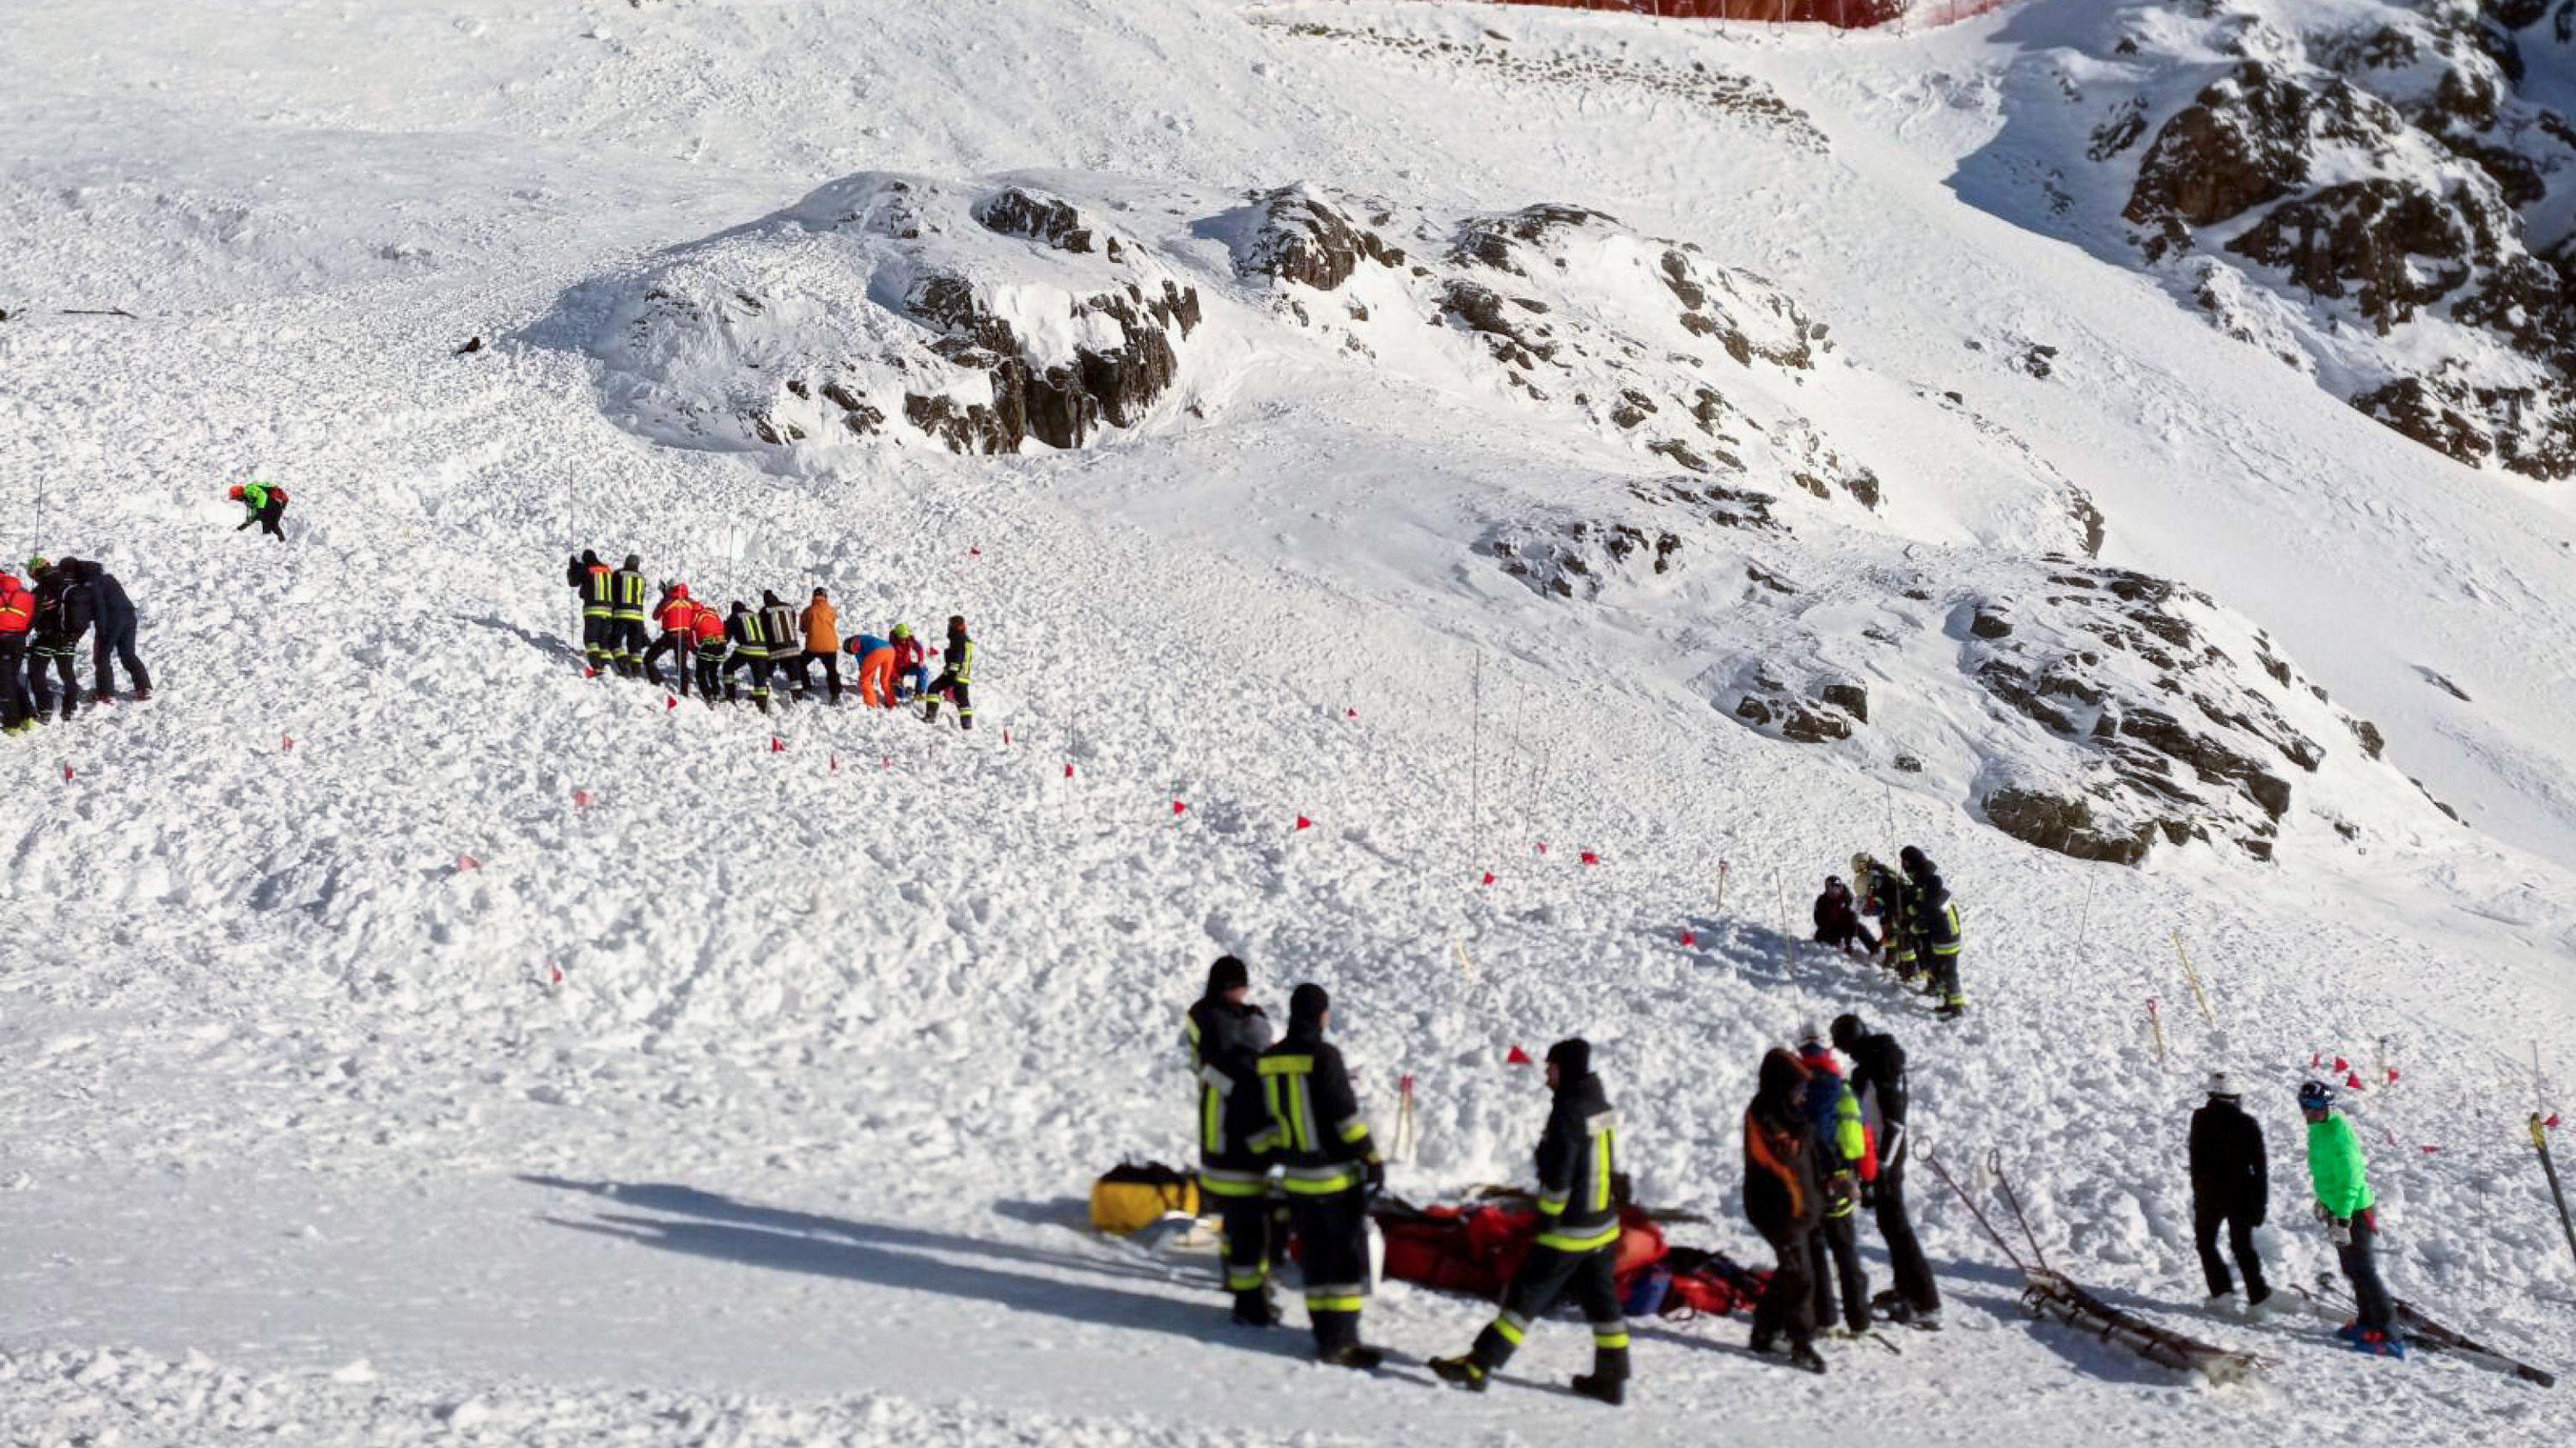 Rettungskräfte arbeiten bei der Suchaktion nach einer Lawine auf einer Skipiste.